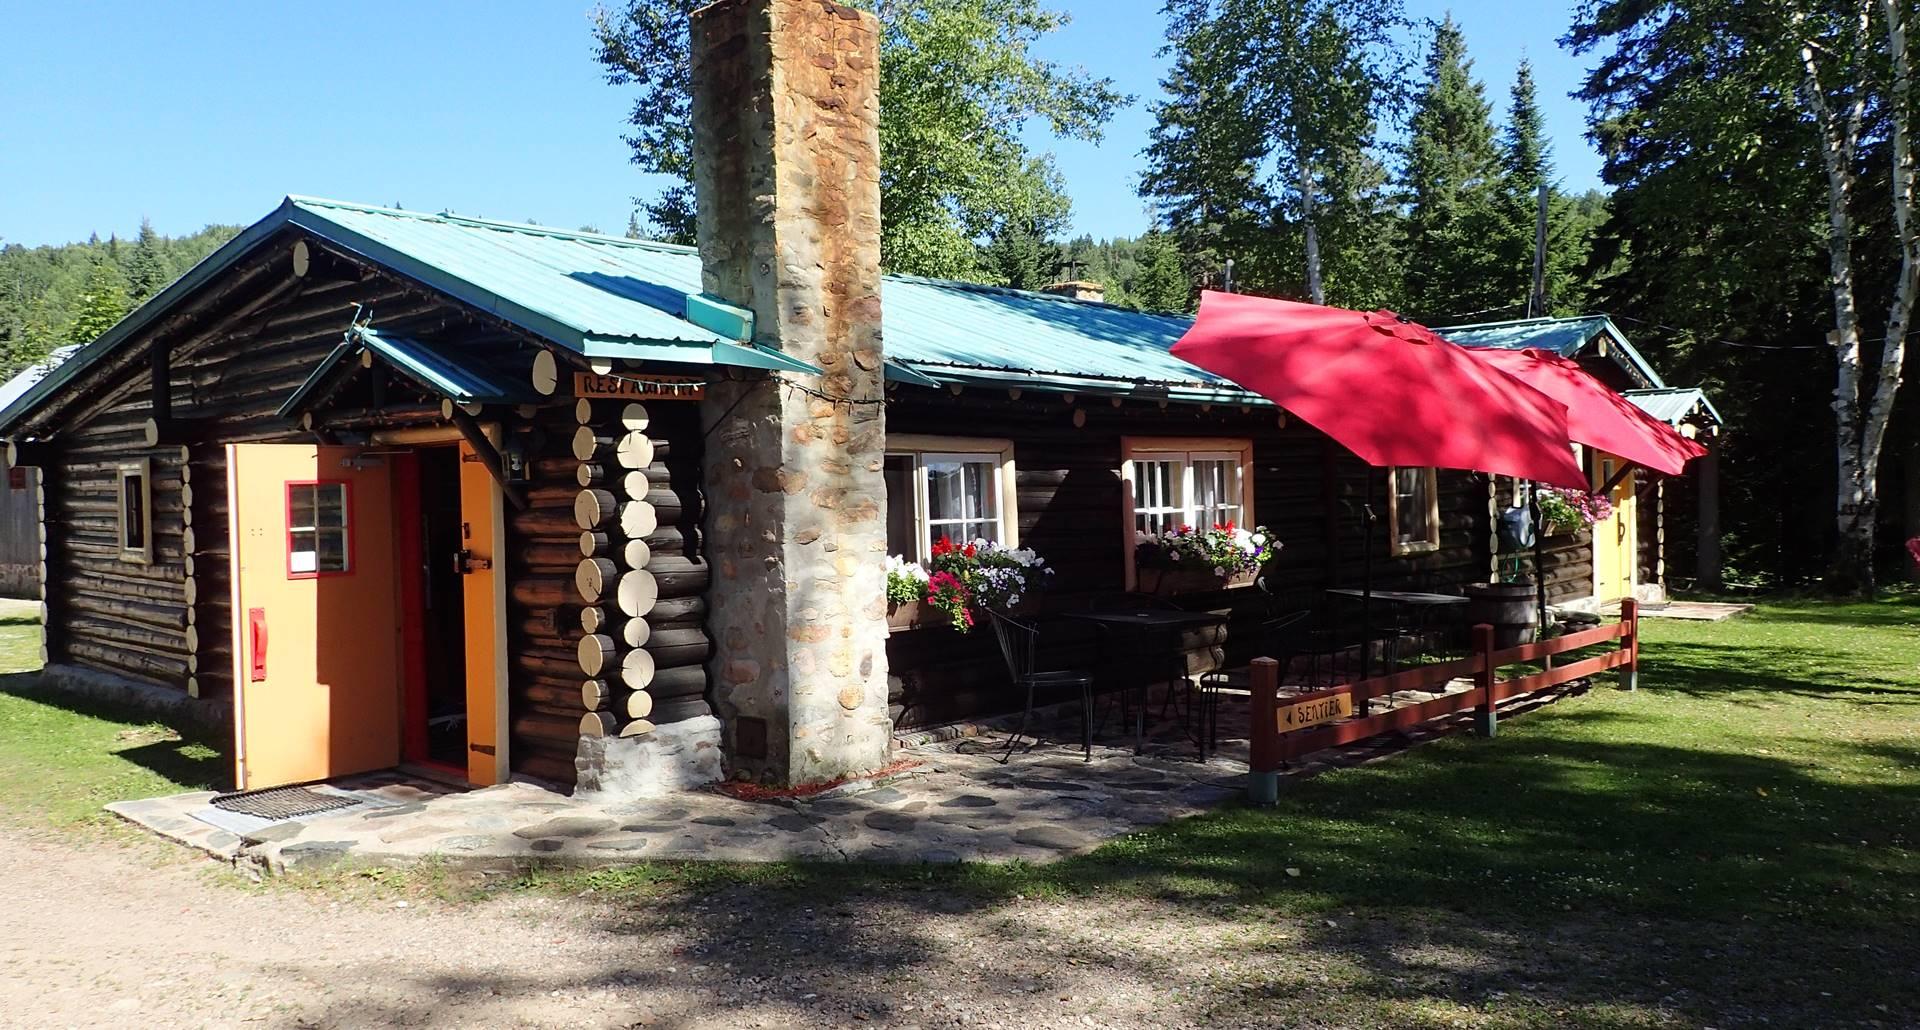 Le restaurant et sa terrasse pour déguster une bière La Pécheresse, micro-brasserie locale de La Tuque, Mauricie, Canada